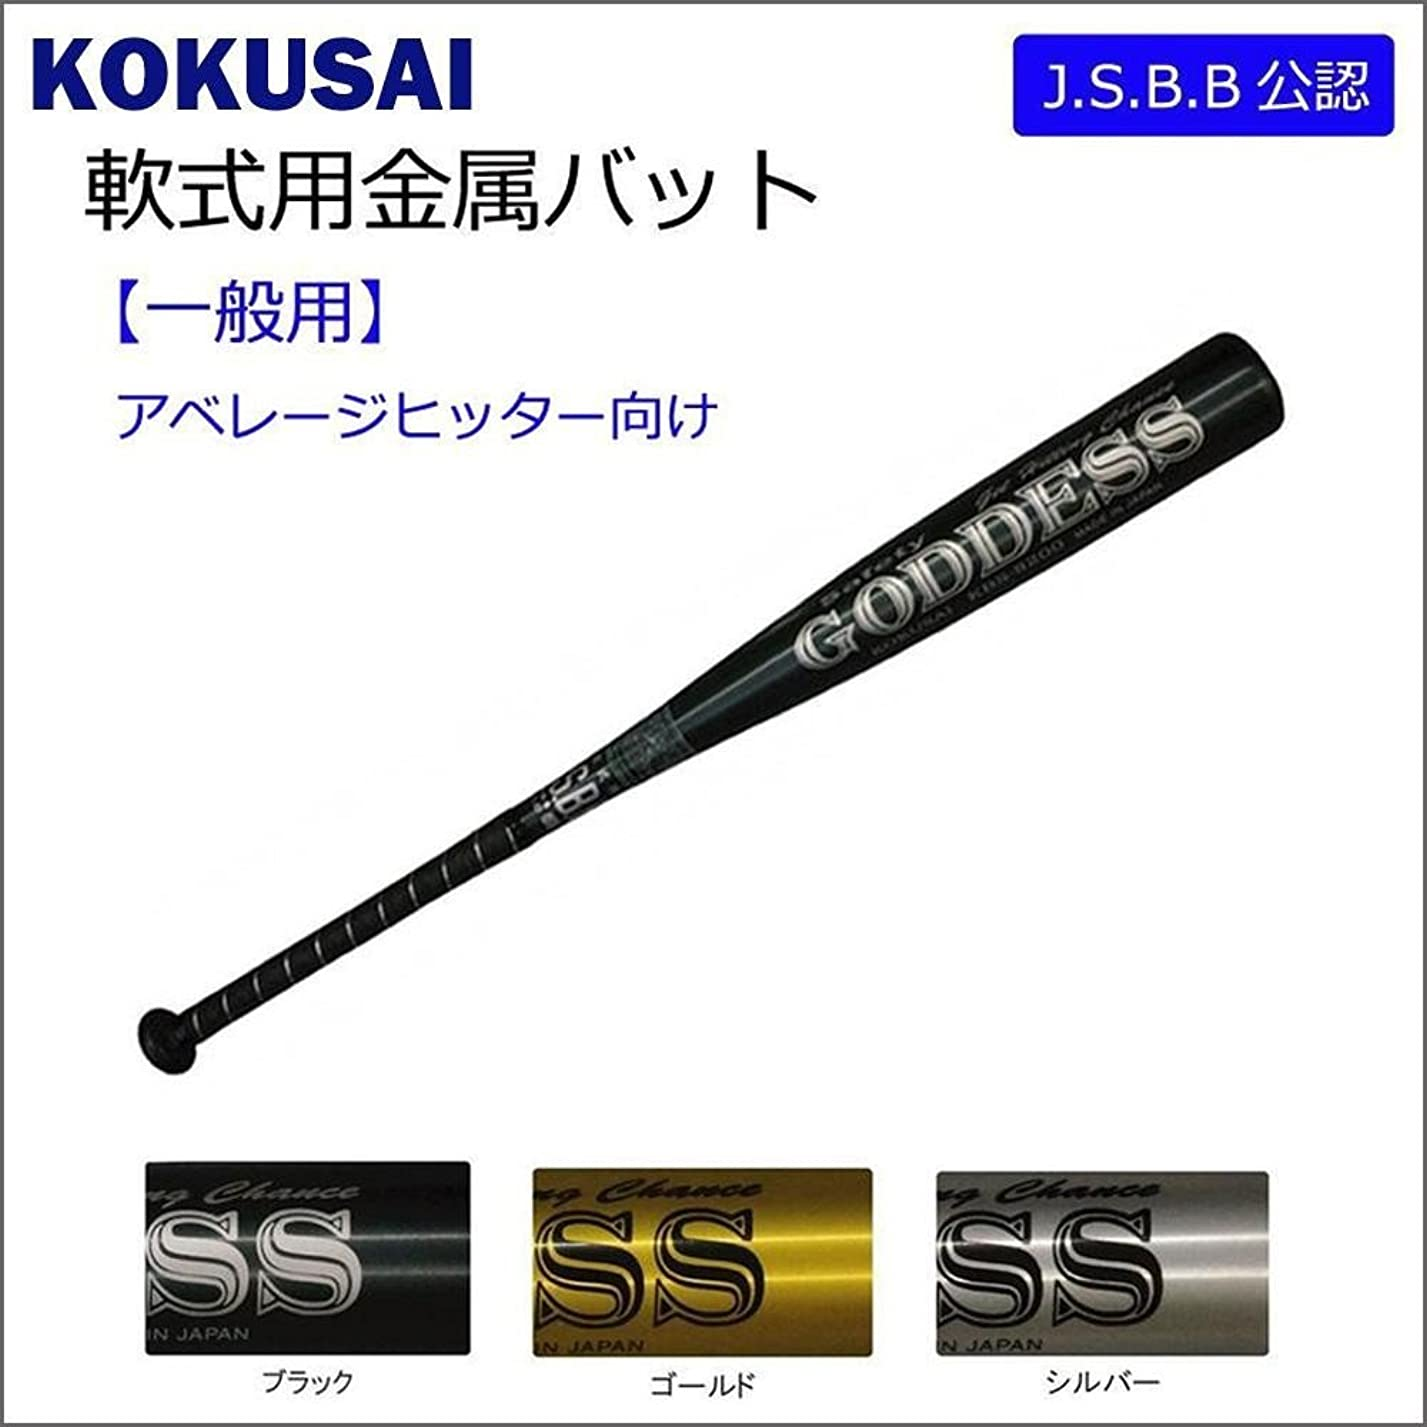 危険な風景所得コクサイ KOKUSAI 軟式用金属バット J.S.B.B公認 一般用 84cm Safety GODDESS KBS-8200 ■2種類の内「ブラック」のみです